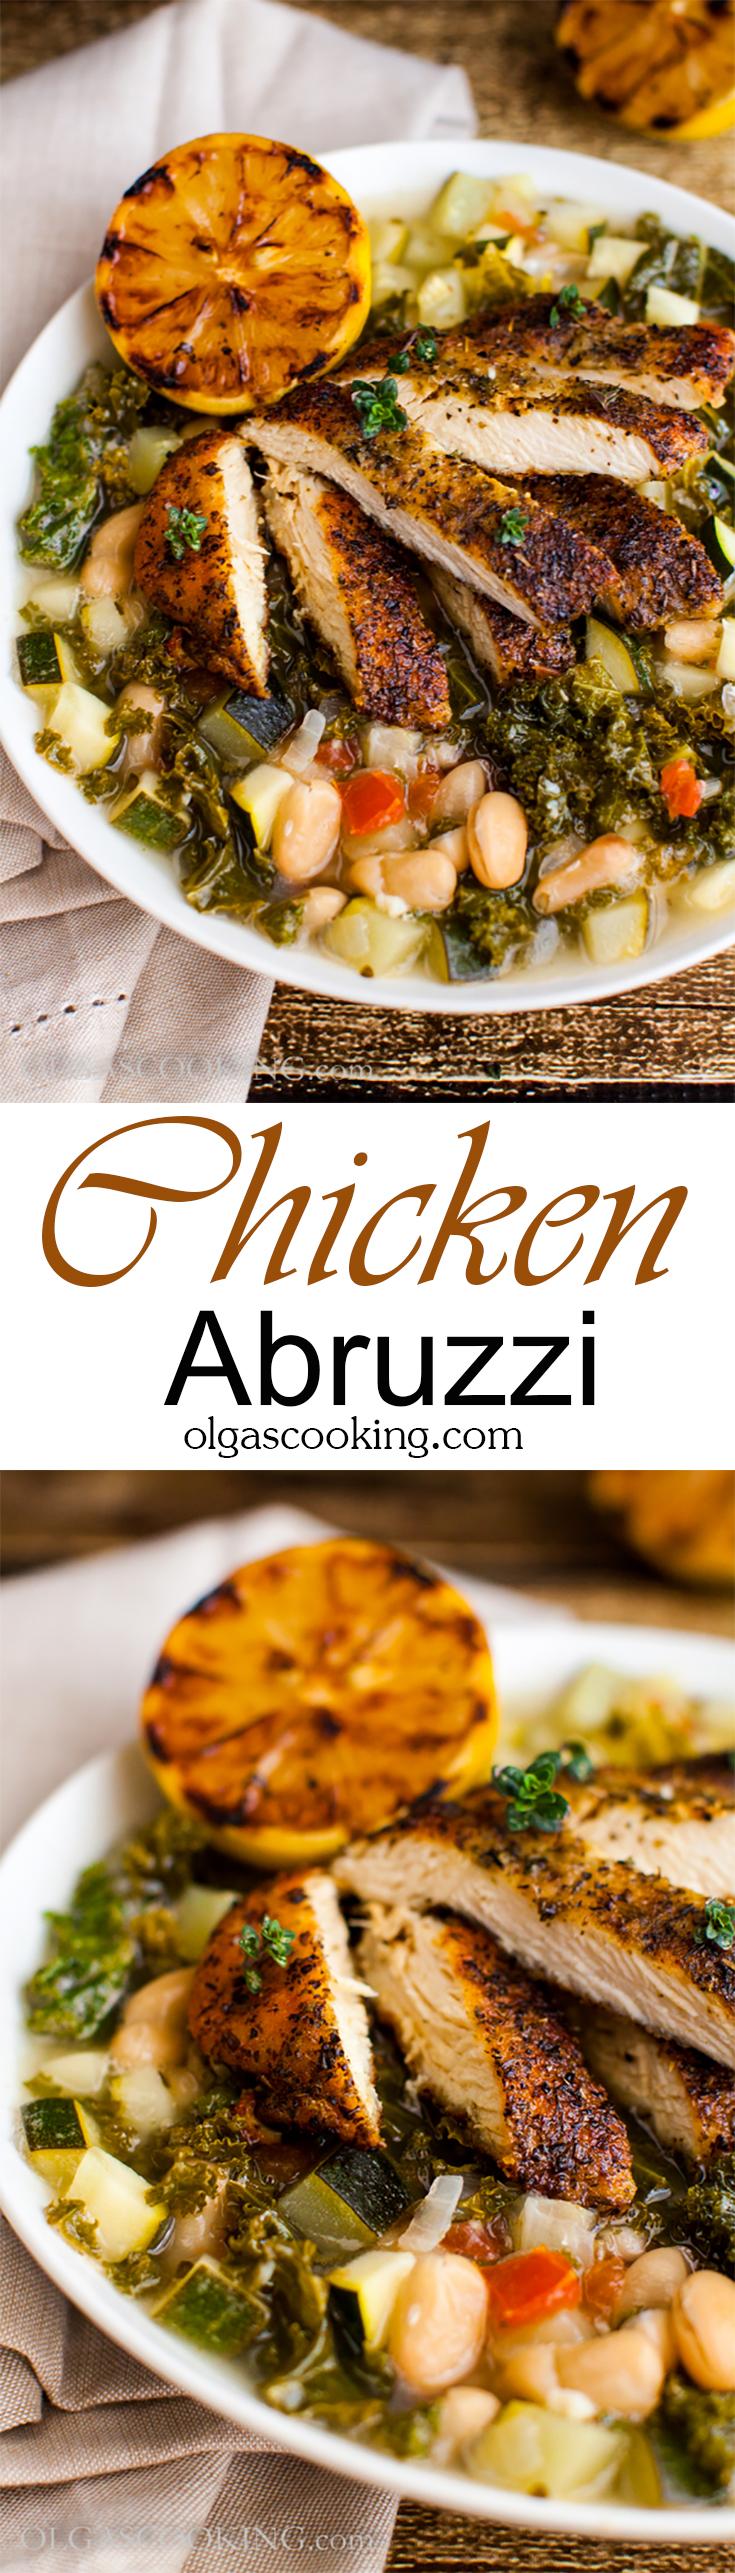 Olive Garden copycat Chicken Abruzzi recipe. Healthy and delish!